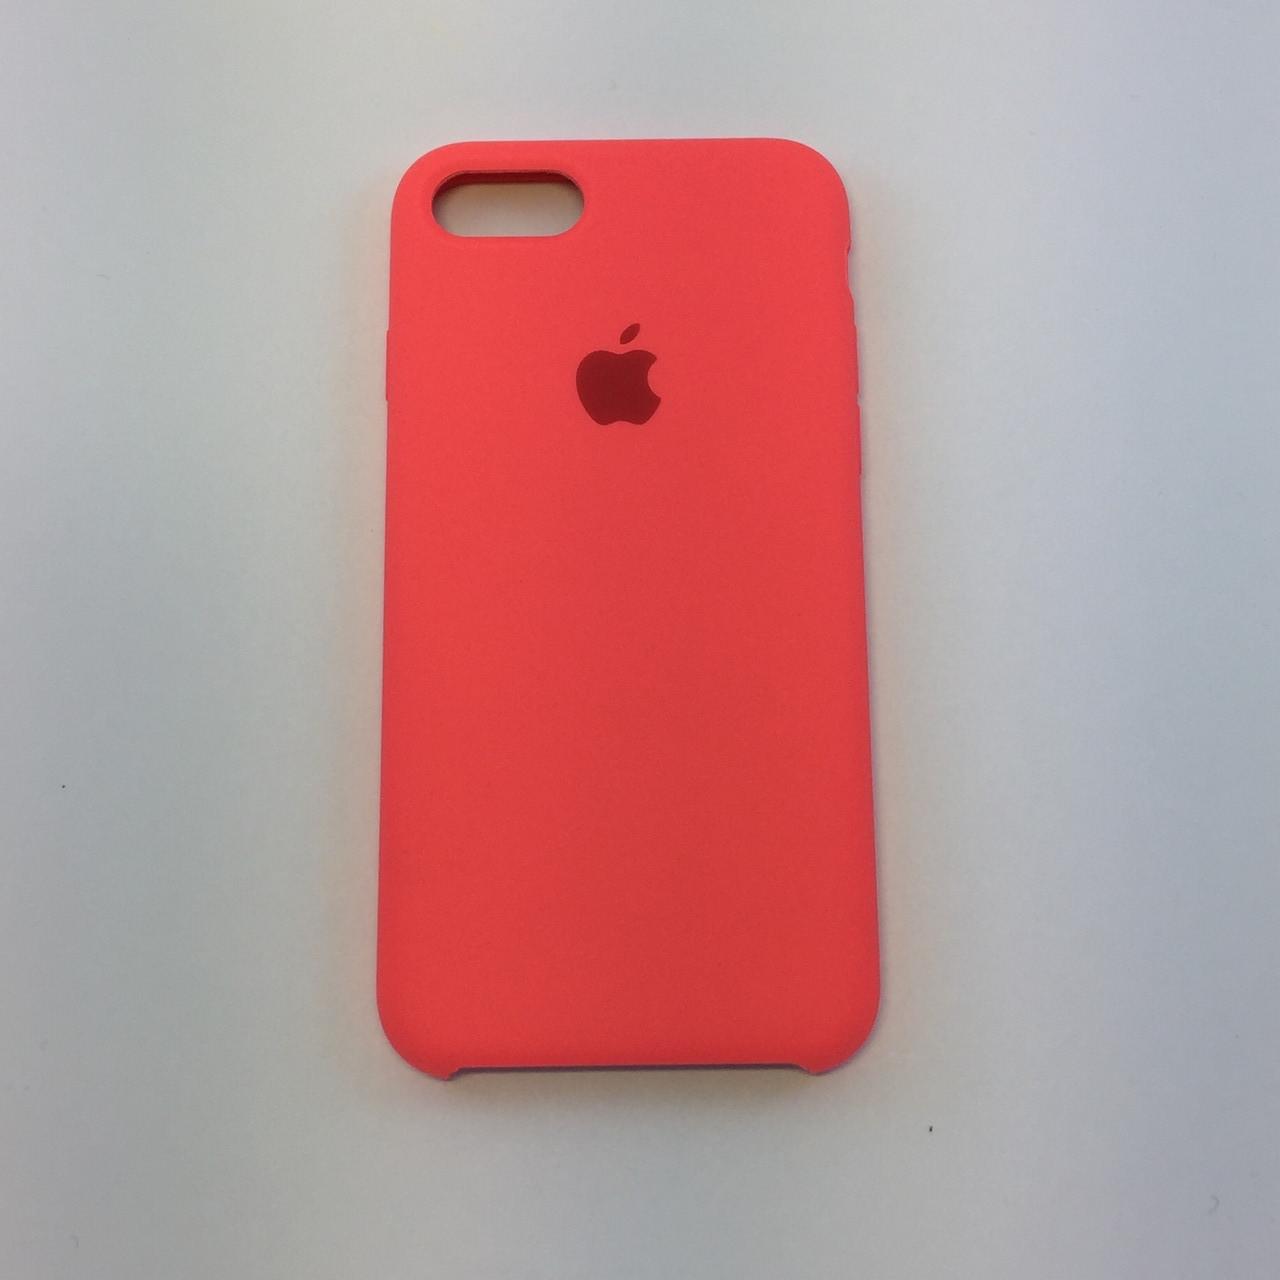 Силиконовый чехол iPhone 8 Plus, кораловый, copy original